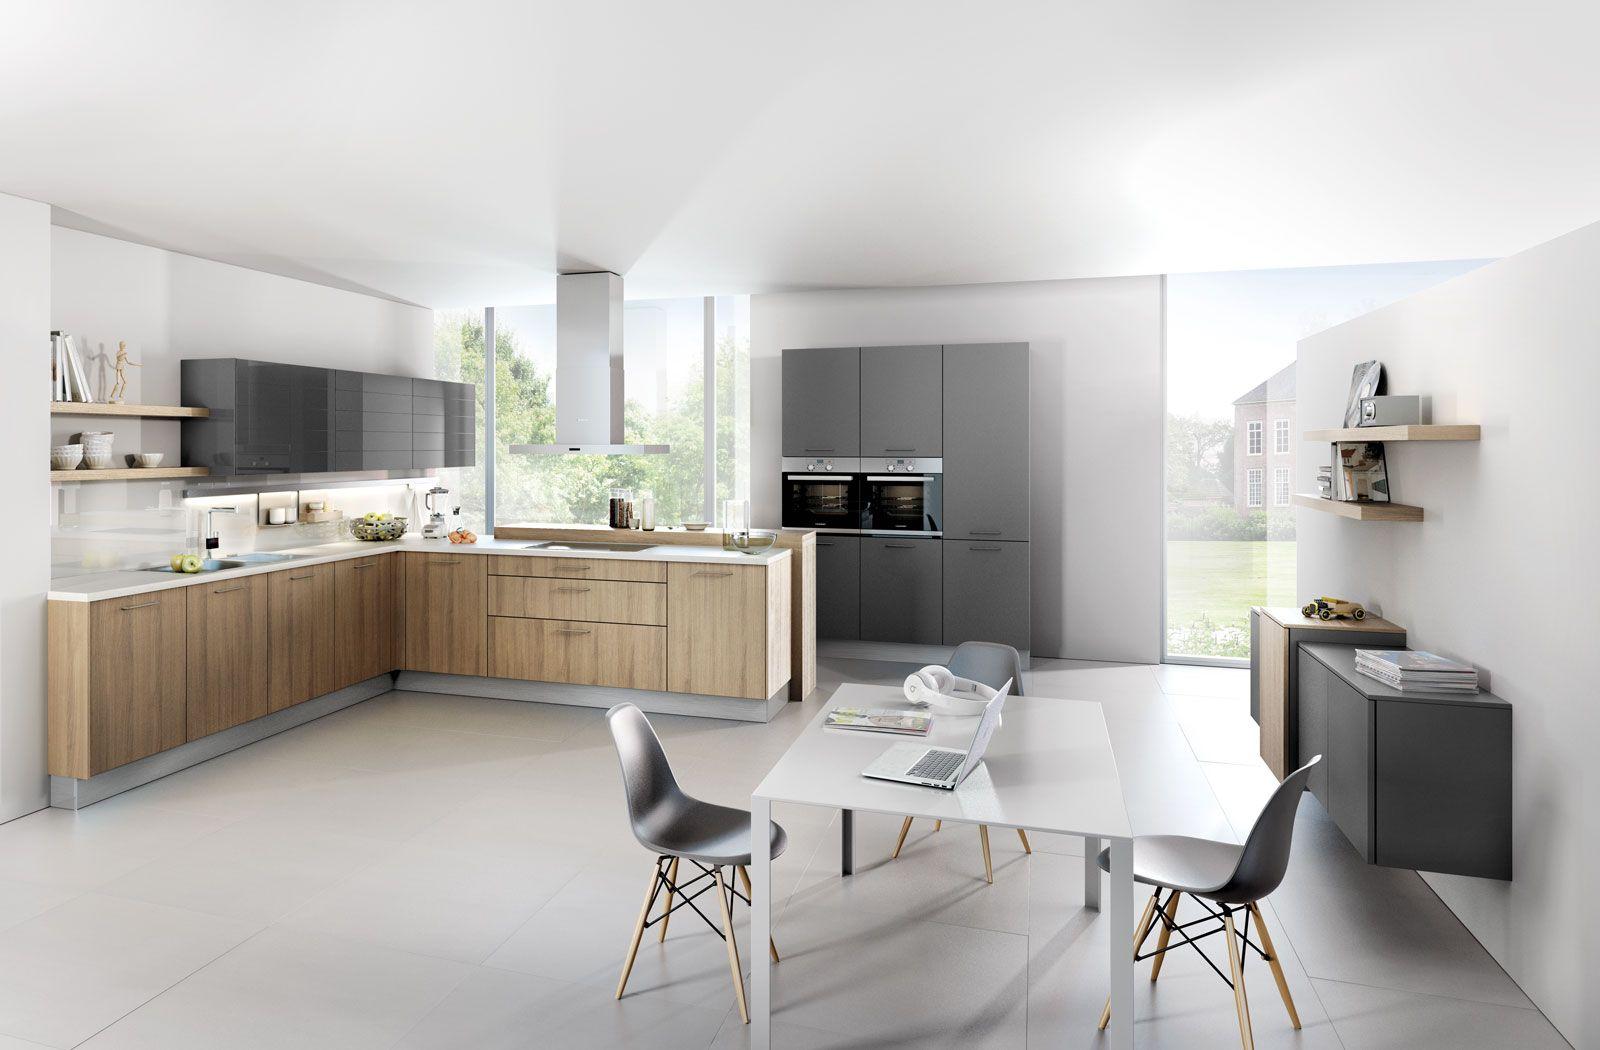 5083 gl | 4030 gl | pinie-dunkel furnier / lichtgrau hochglanz ... - Häcker Küchen Preisliste